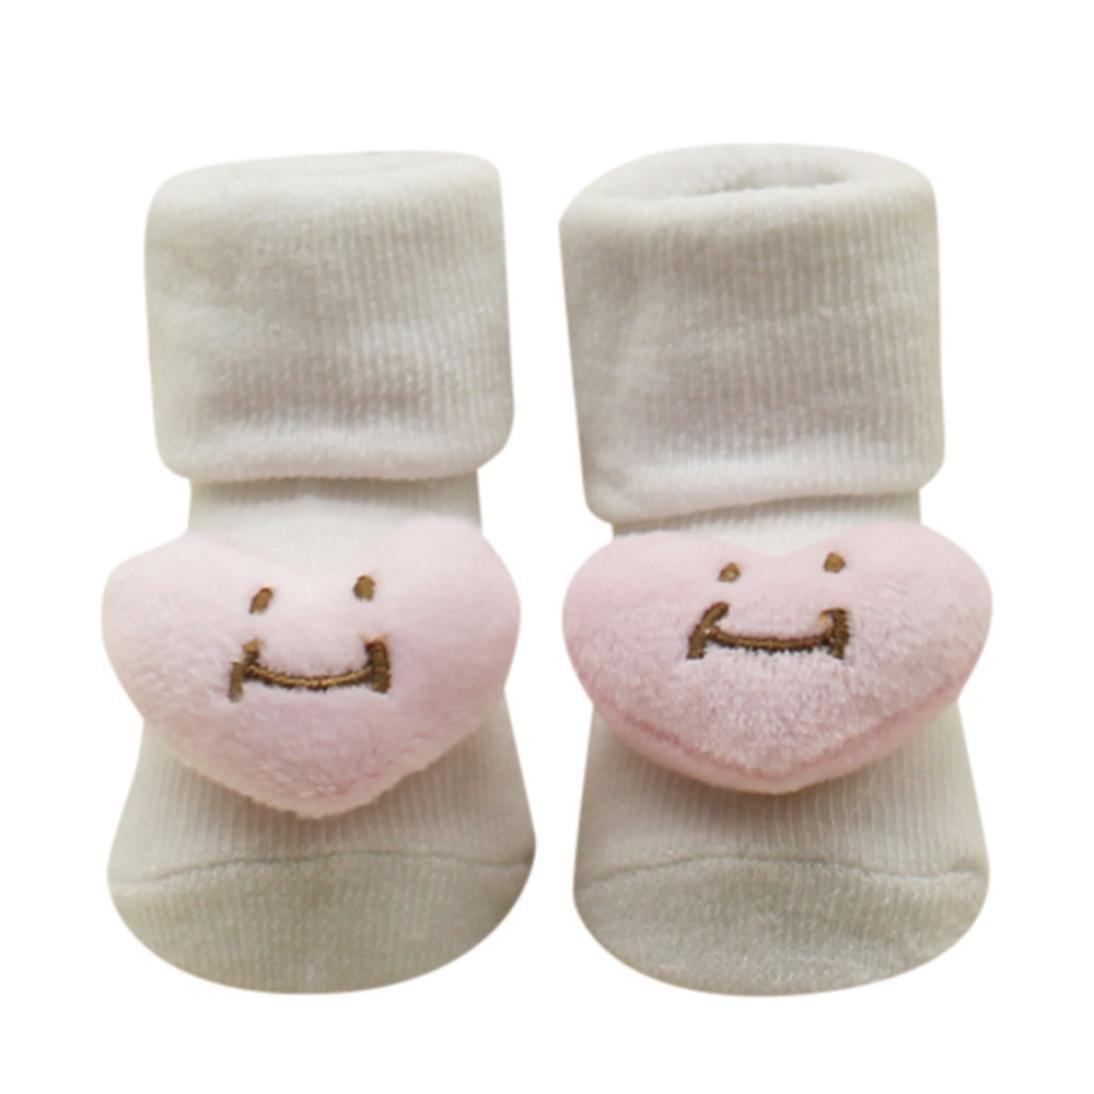 0-24 M Bebe Naissance Chausettes Socquette Lune / Coeur en Relief Chausson Cotton Anti-slip Cute Socks